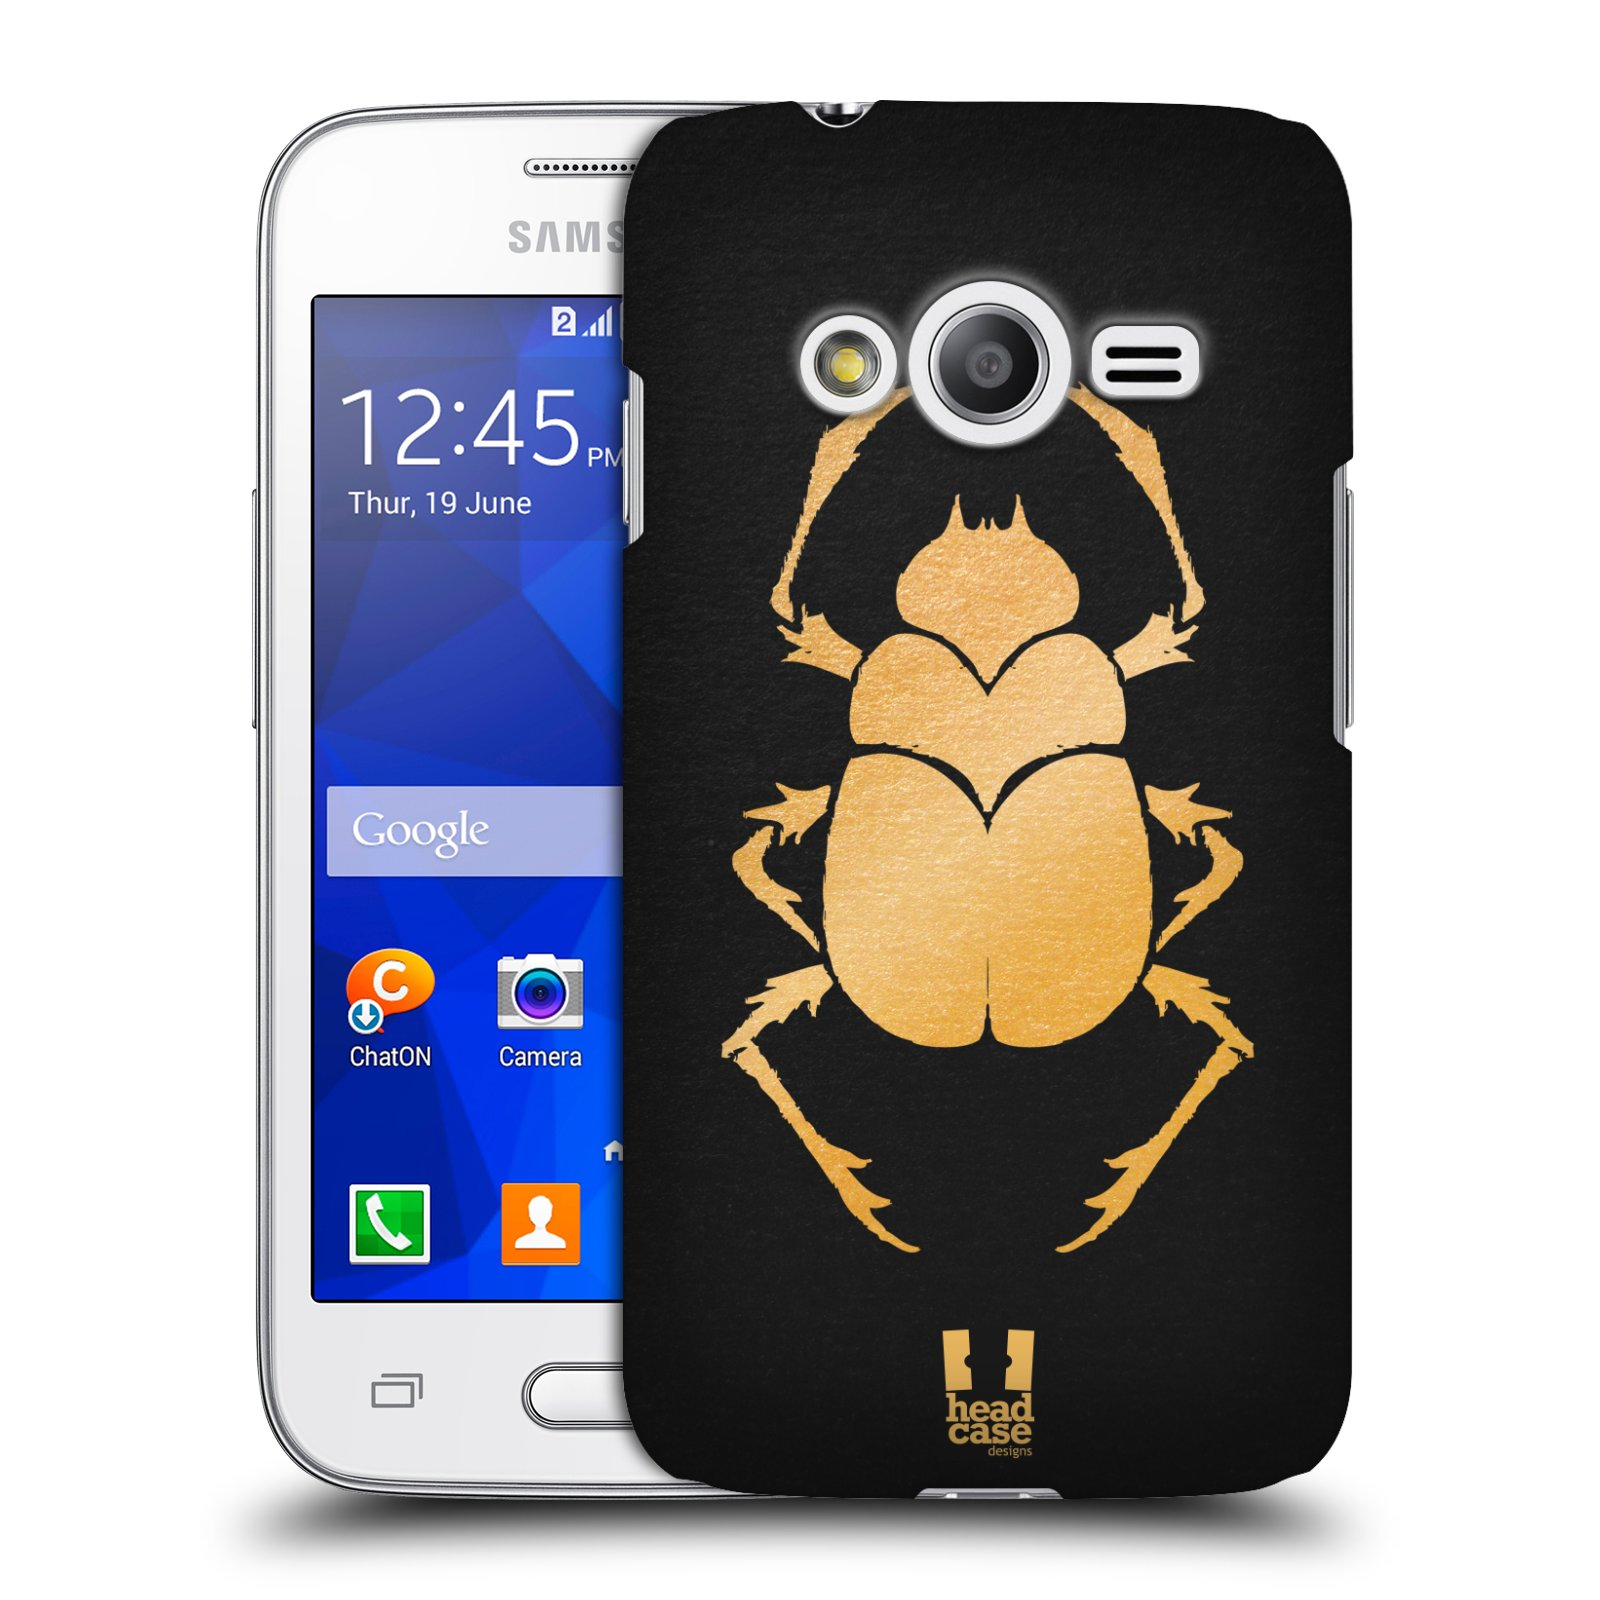 Plastové pouzdro na mobil Samsung Galaxy Trend 2 Lite HEAD CASE EGYPT SCARABEUS (Kryt či obal na mobilní telefon Samsung Galaxy Trend 2 Lite SM-G318)